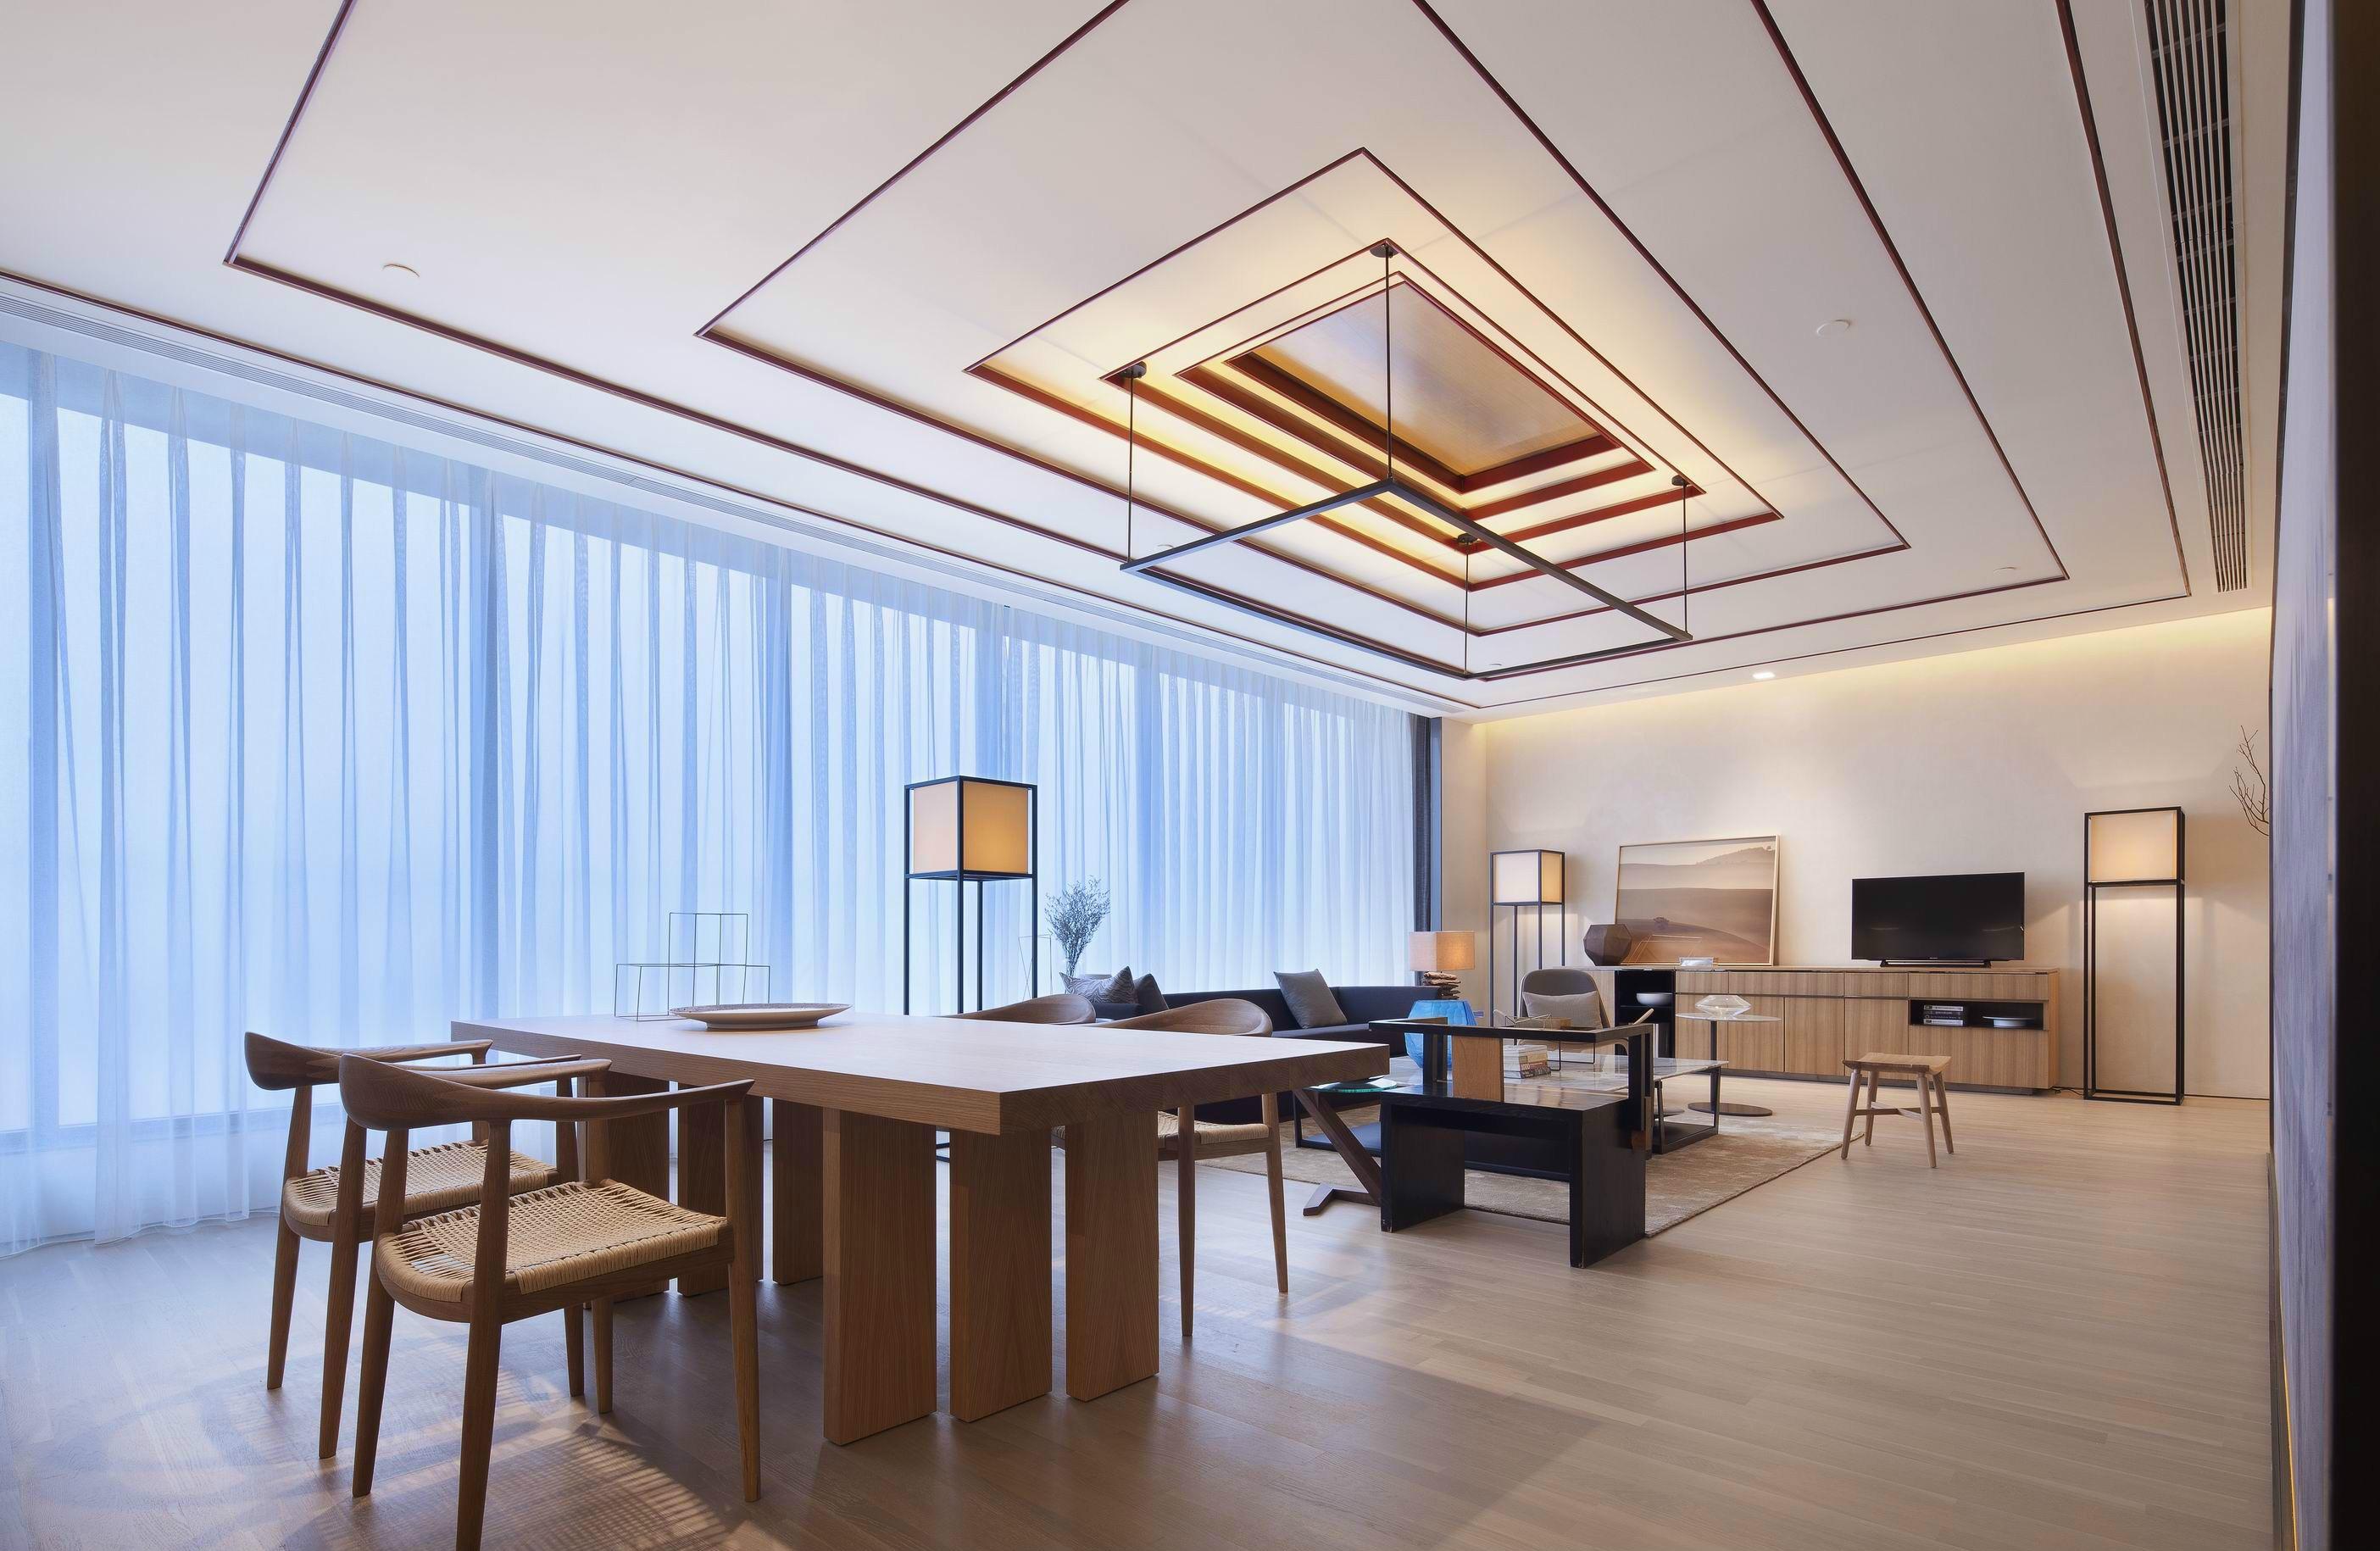 简约新中式风格餐厅装修效果图